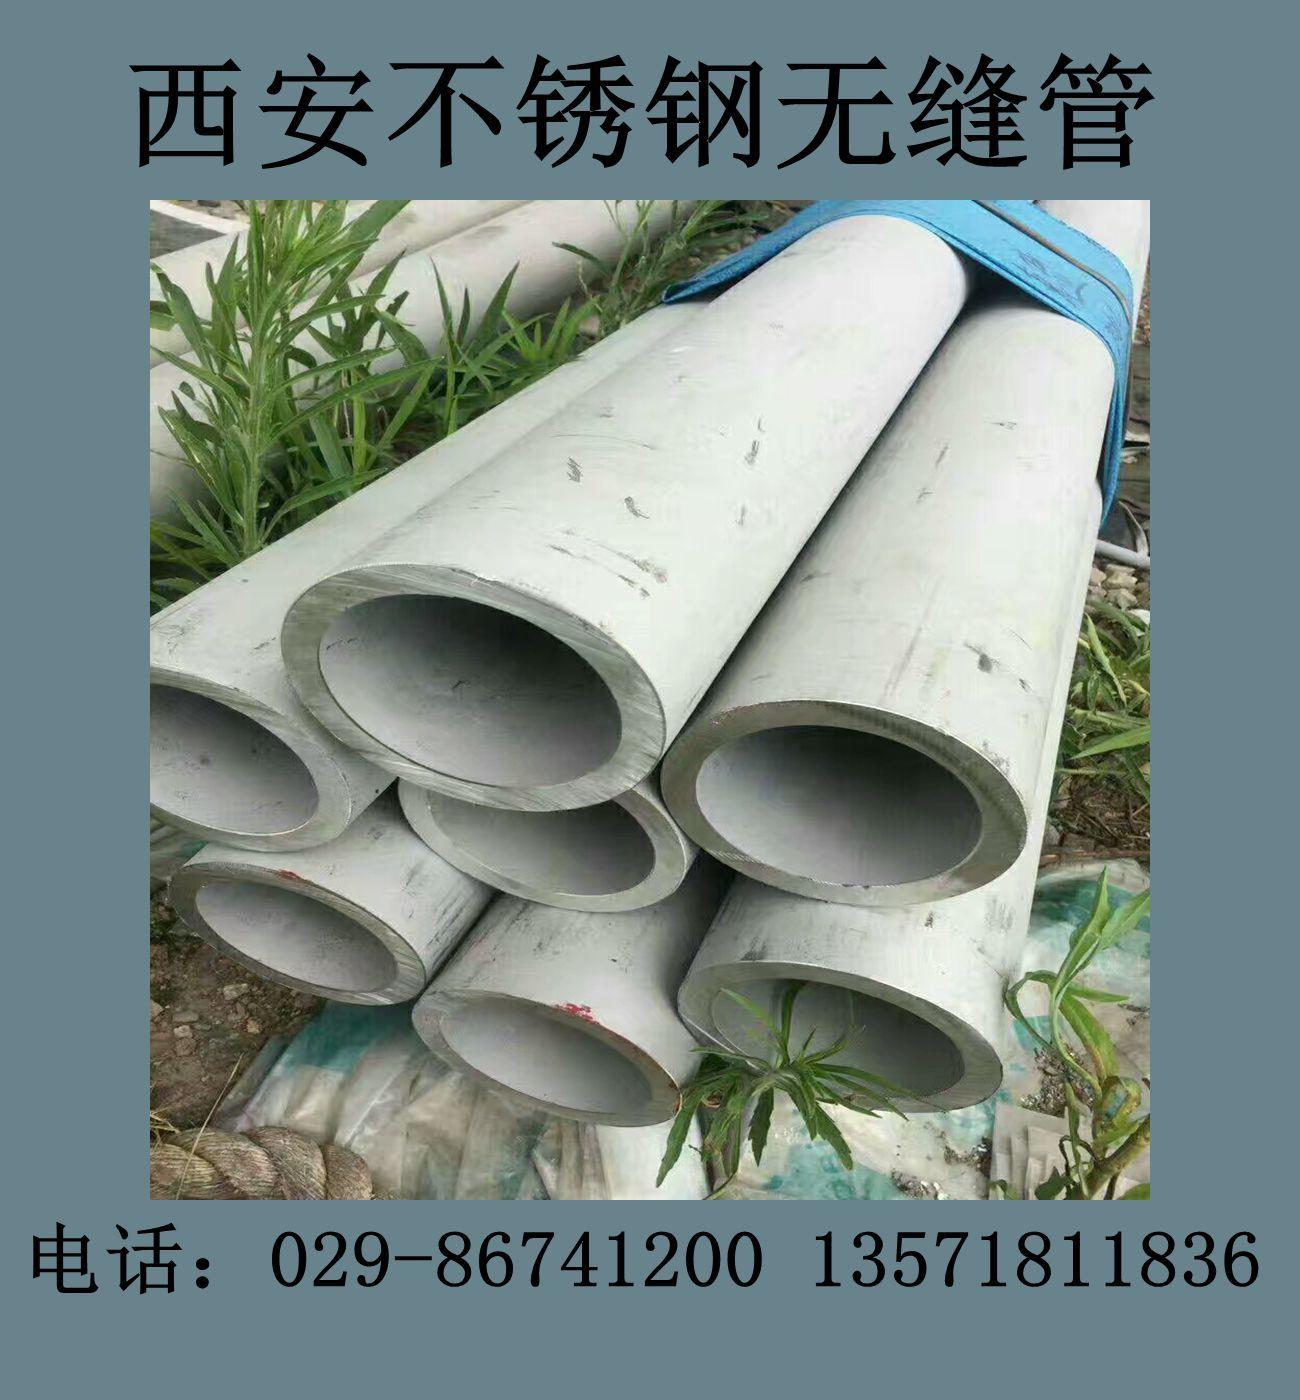 阿勒泰不銹鋼管304不銹鋼管阿勒泰316不銹鋼管廠家直銷批發零售